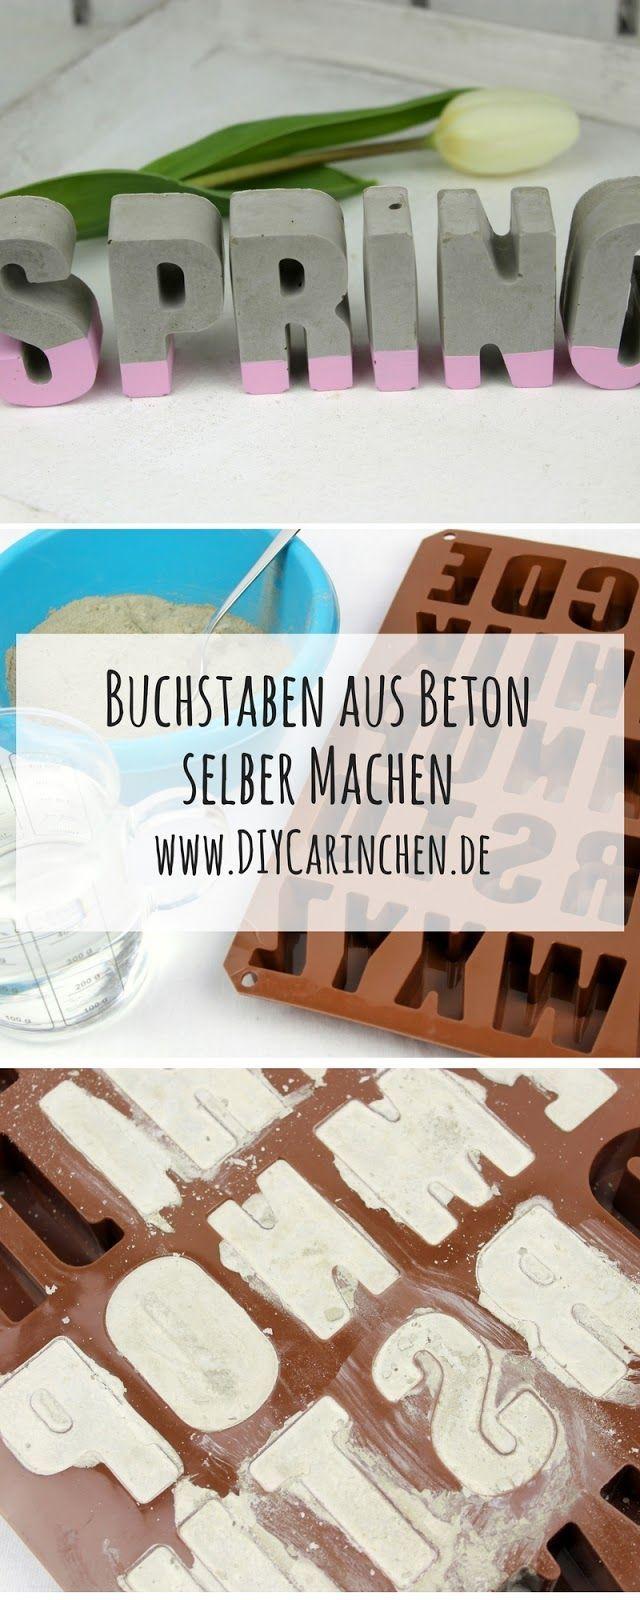 DIY Beton Buchstaben schnell und einfach selber machen - tolle Deko #backyardmakeover